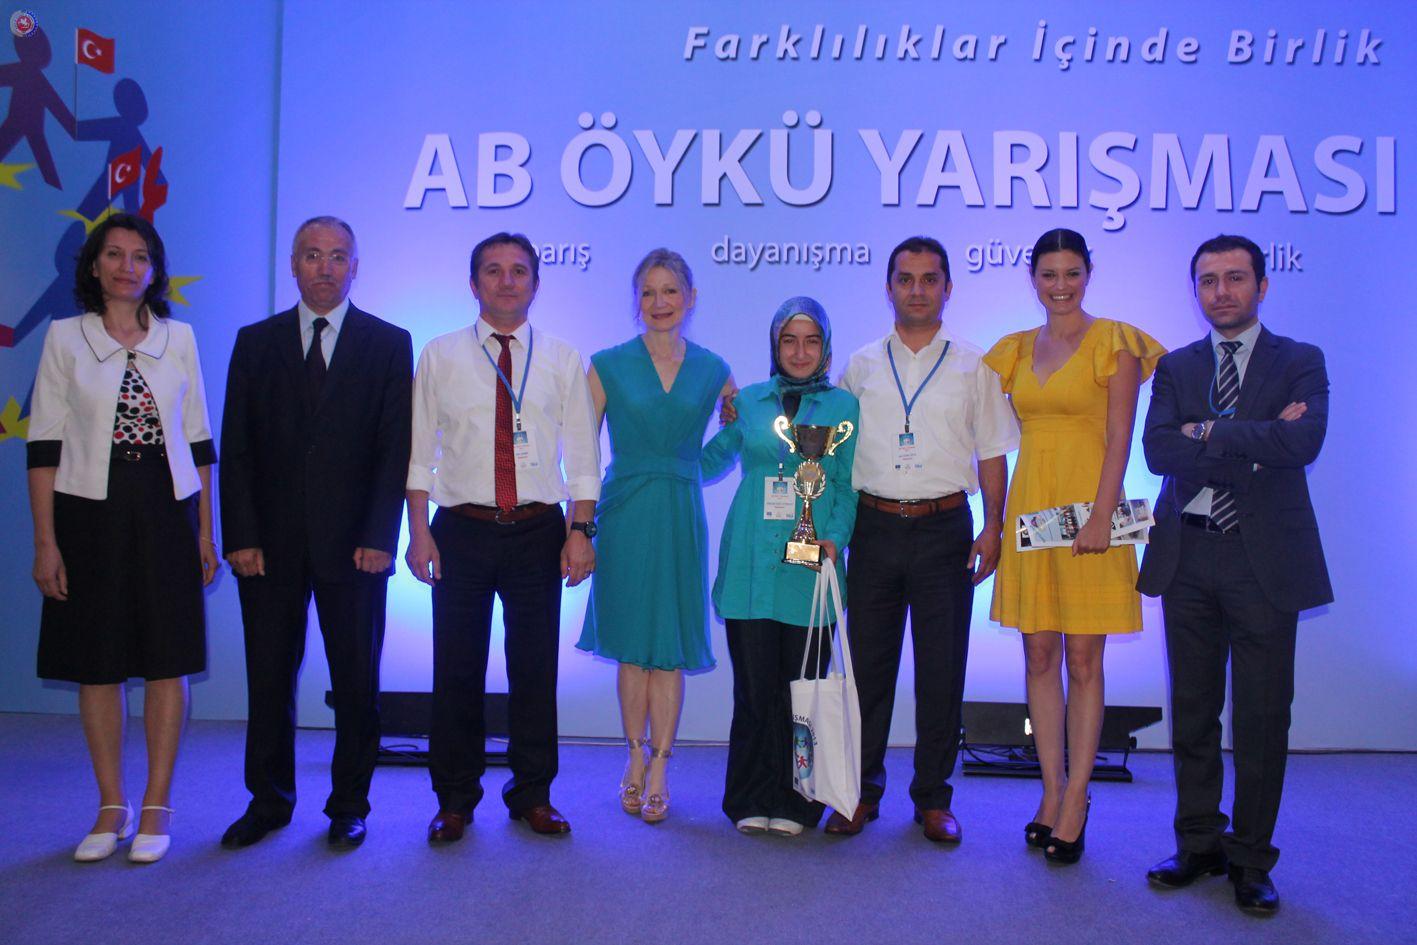 Avrupa Birliği Öykü Yarışması 2013 32